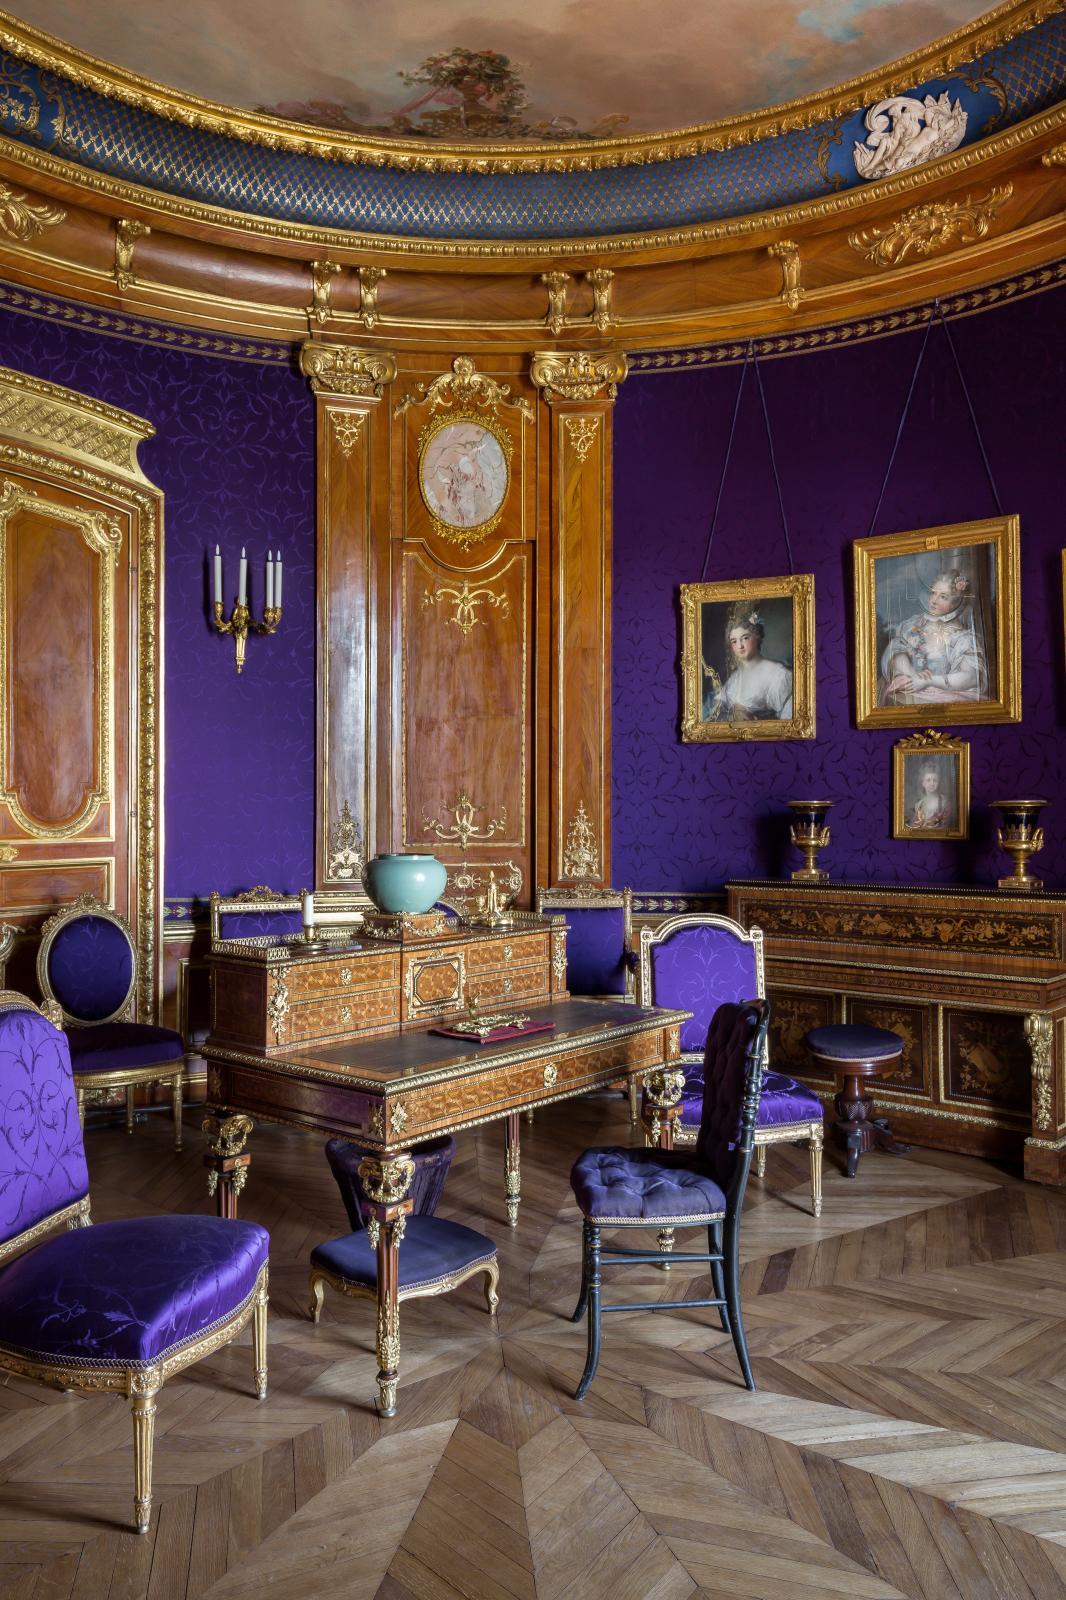 Meuble Ancien Style Henri 4 eugène lami, premier décorateur moderne